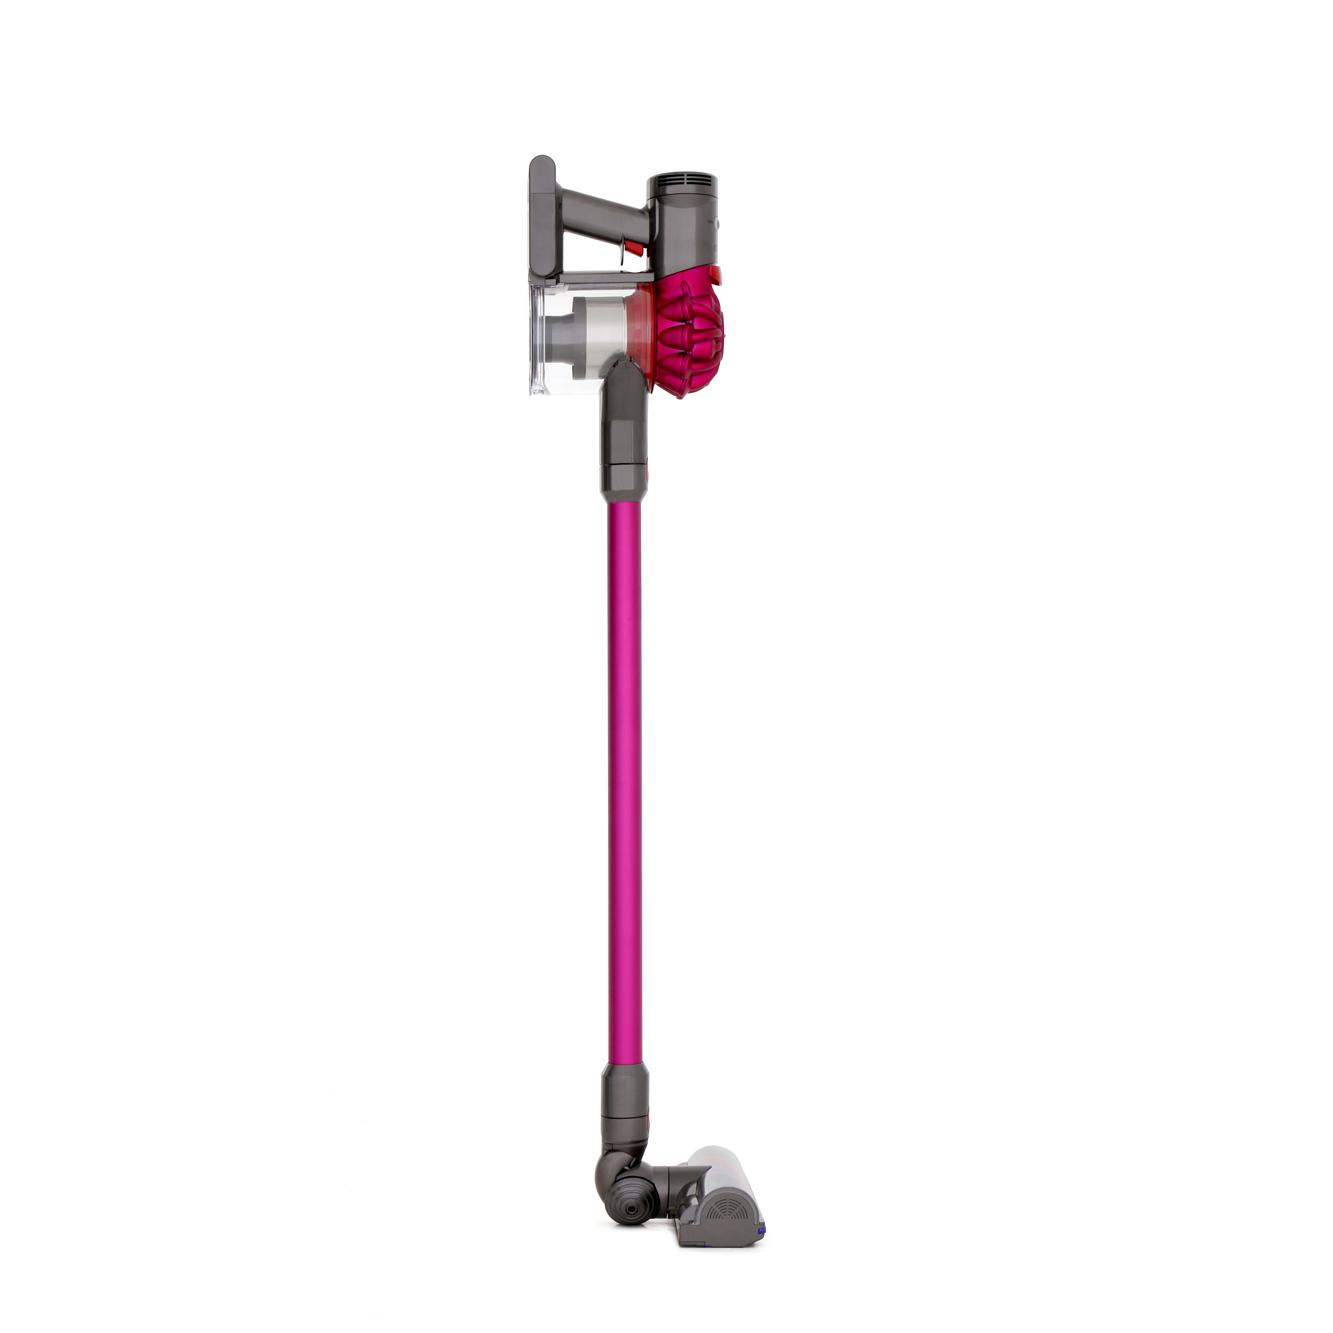 buy dyson v7 motorhead hand held vacuum cleaner v7motorhead pink marks electrical. Black Bedroom Furniture Sets. Home Design Ideas